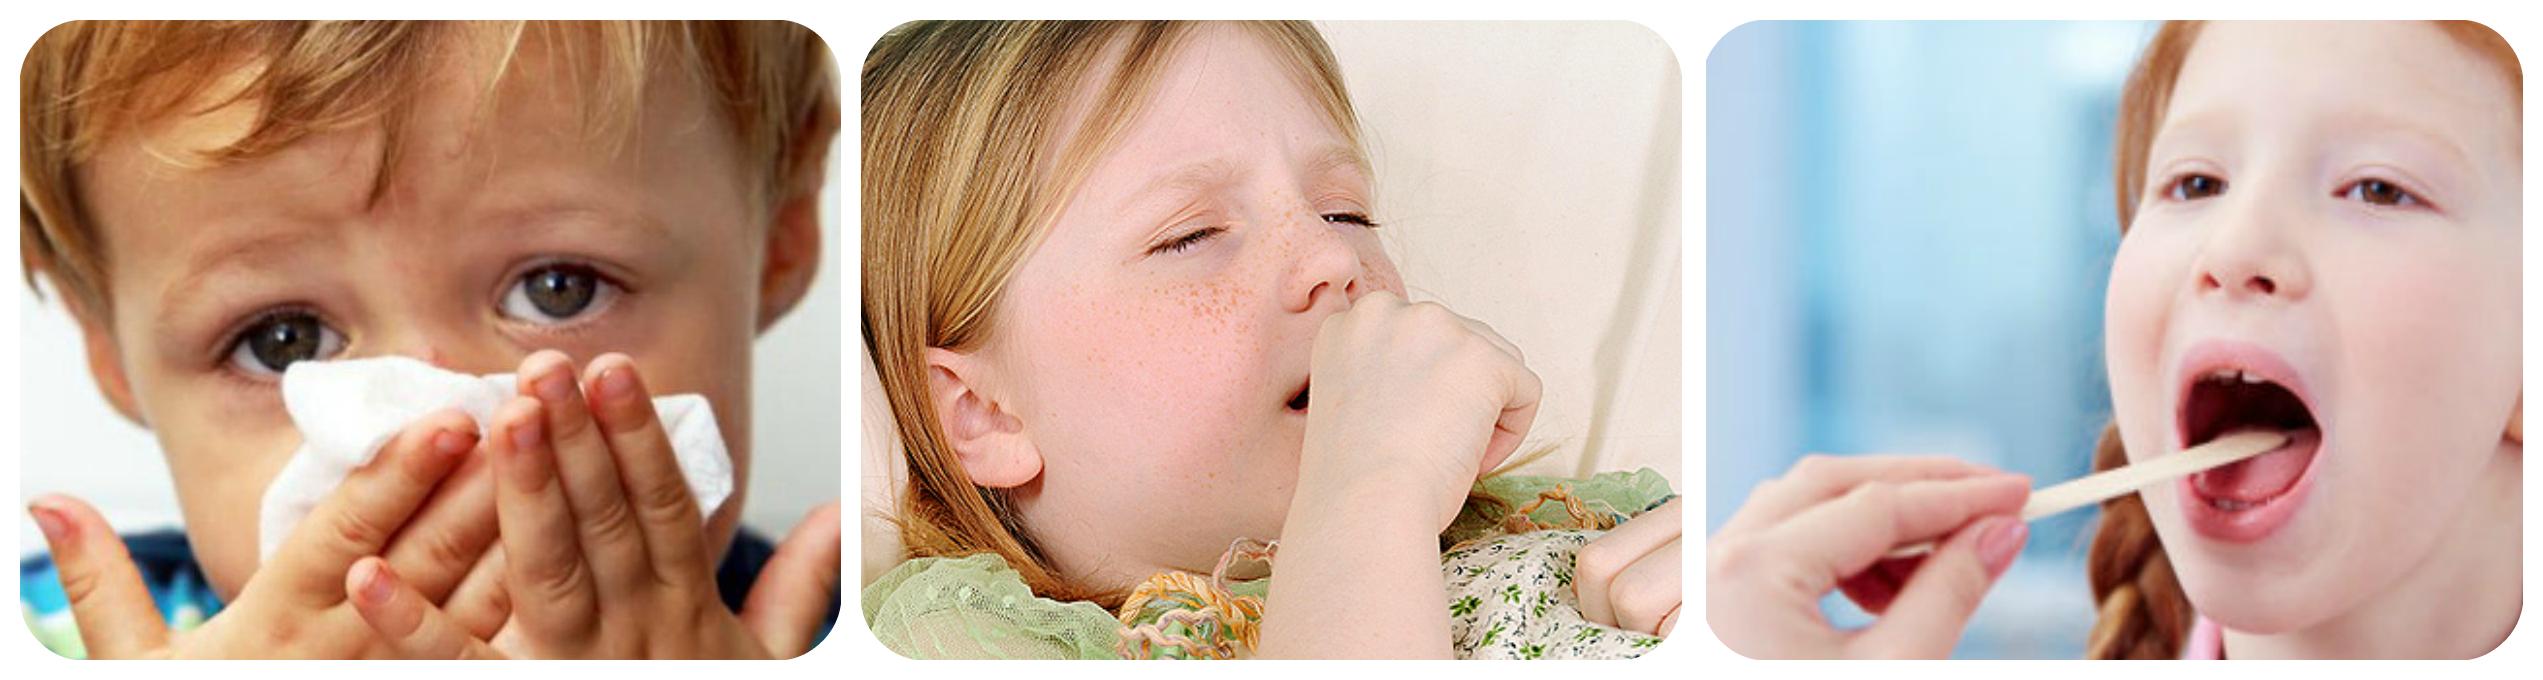 орз симптомы и лечение у детей